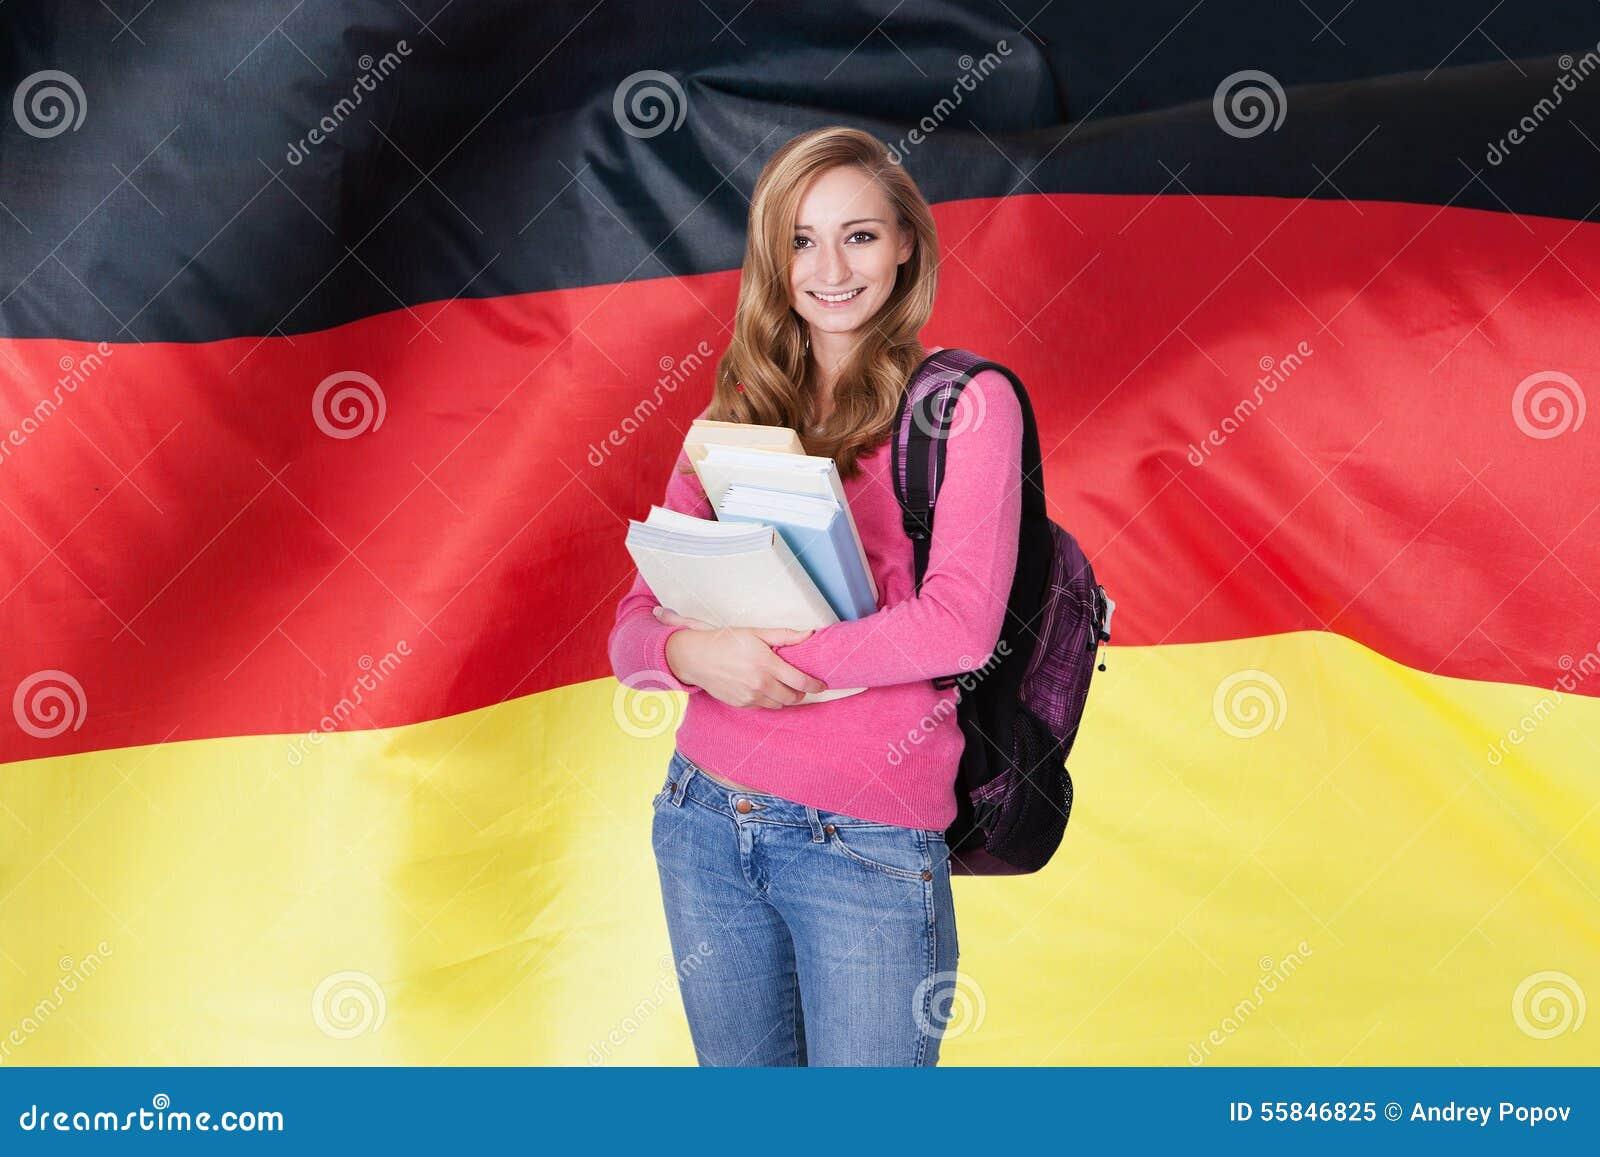 немецкая студентка эроролик